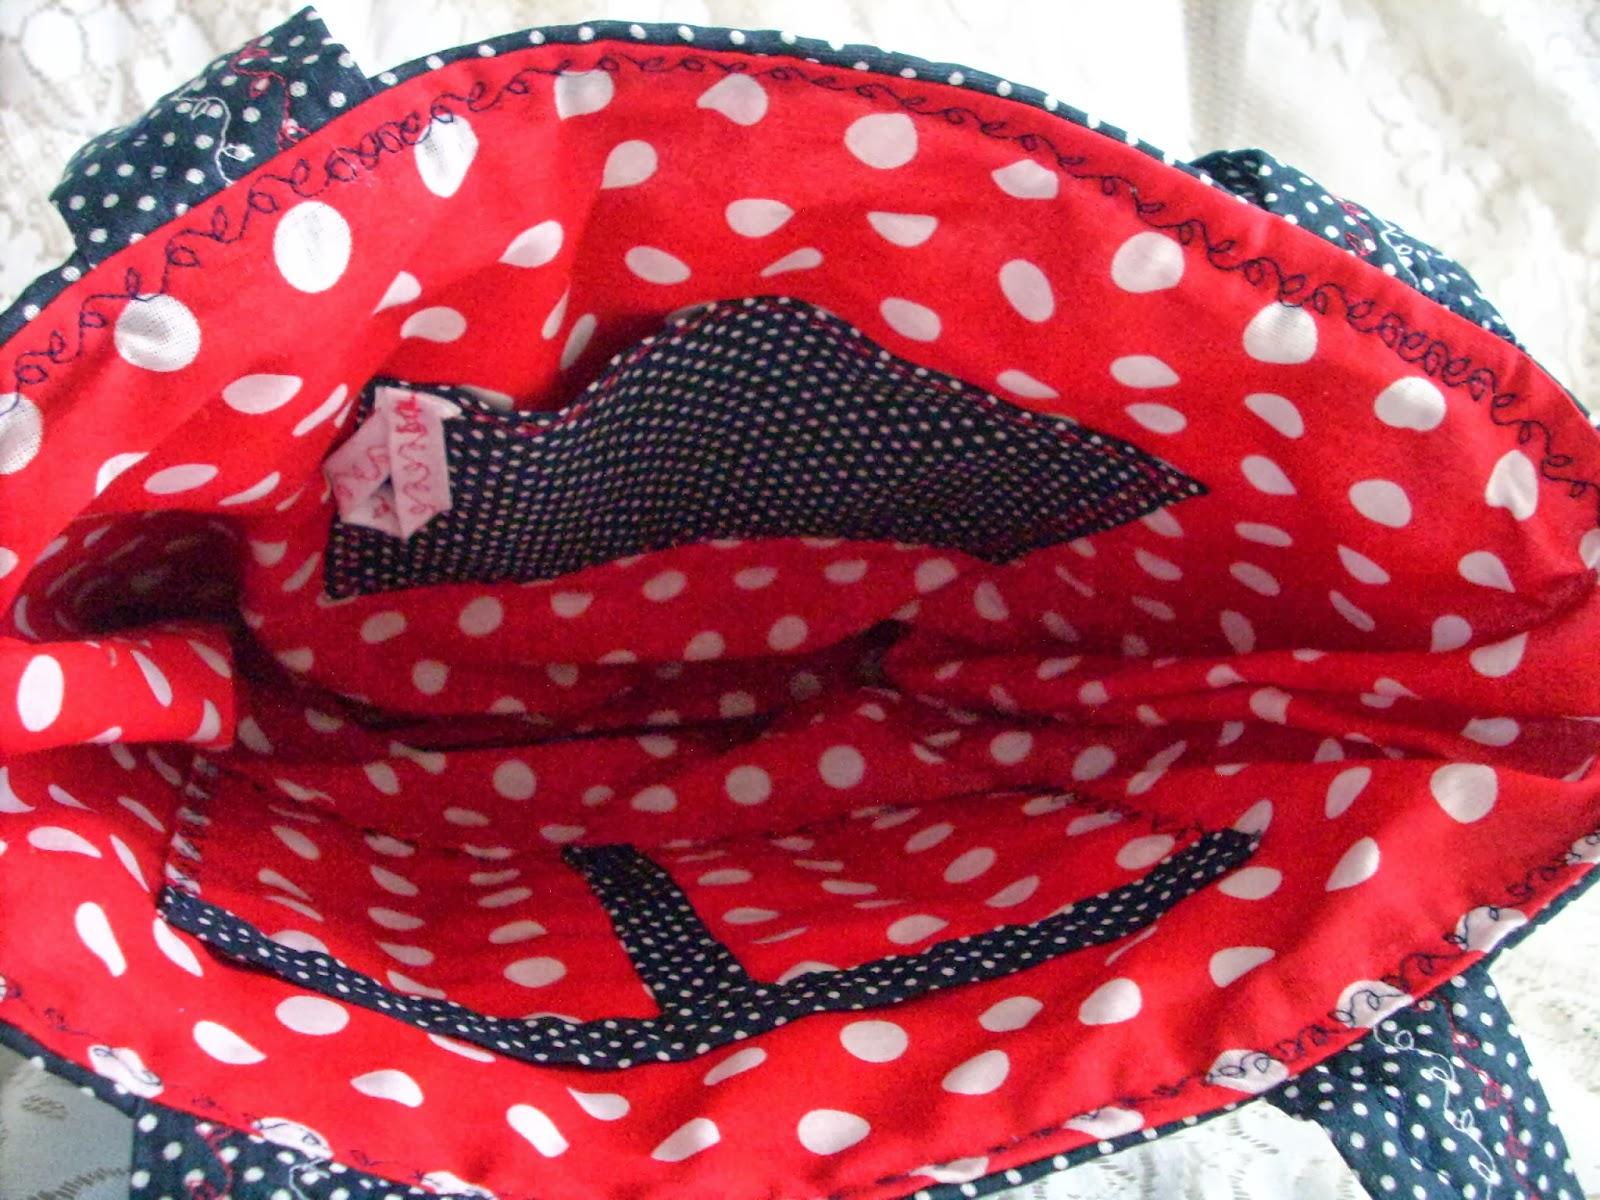 Bolsa Em Tecido Para Praia : Ateli? iluminar por m?nica oliveira bolsa de tecido